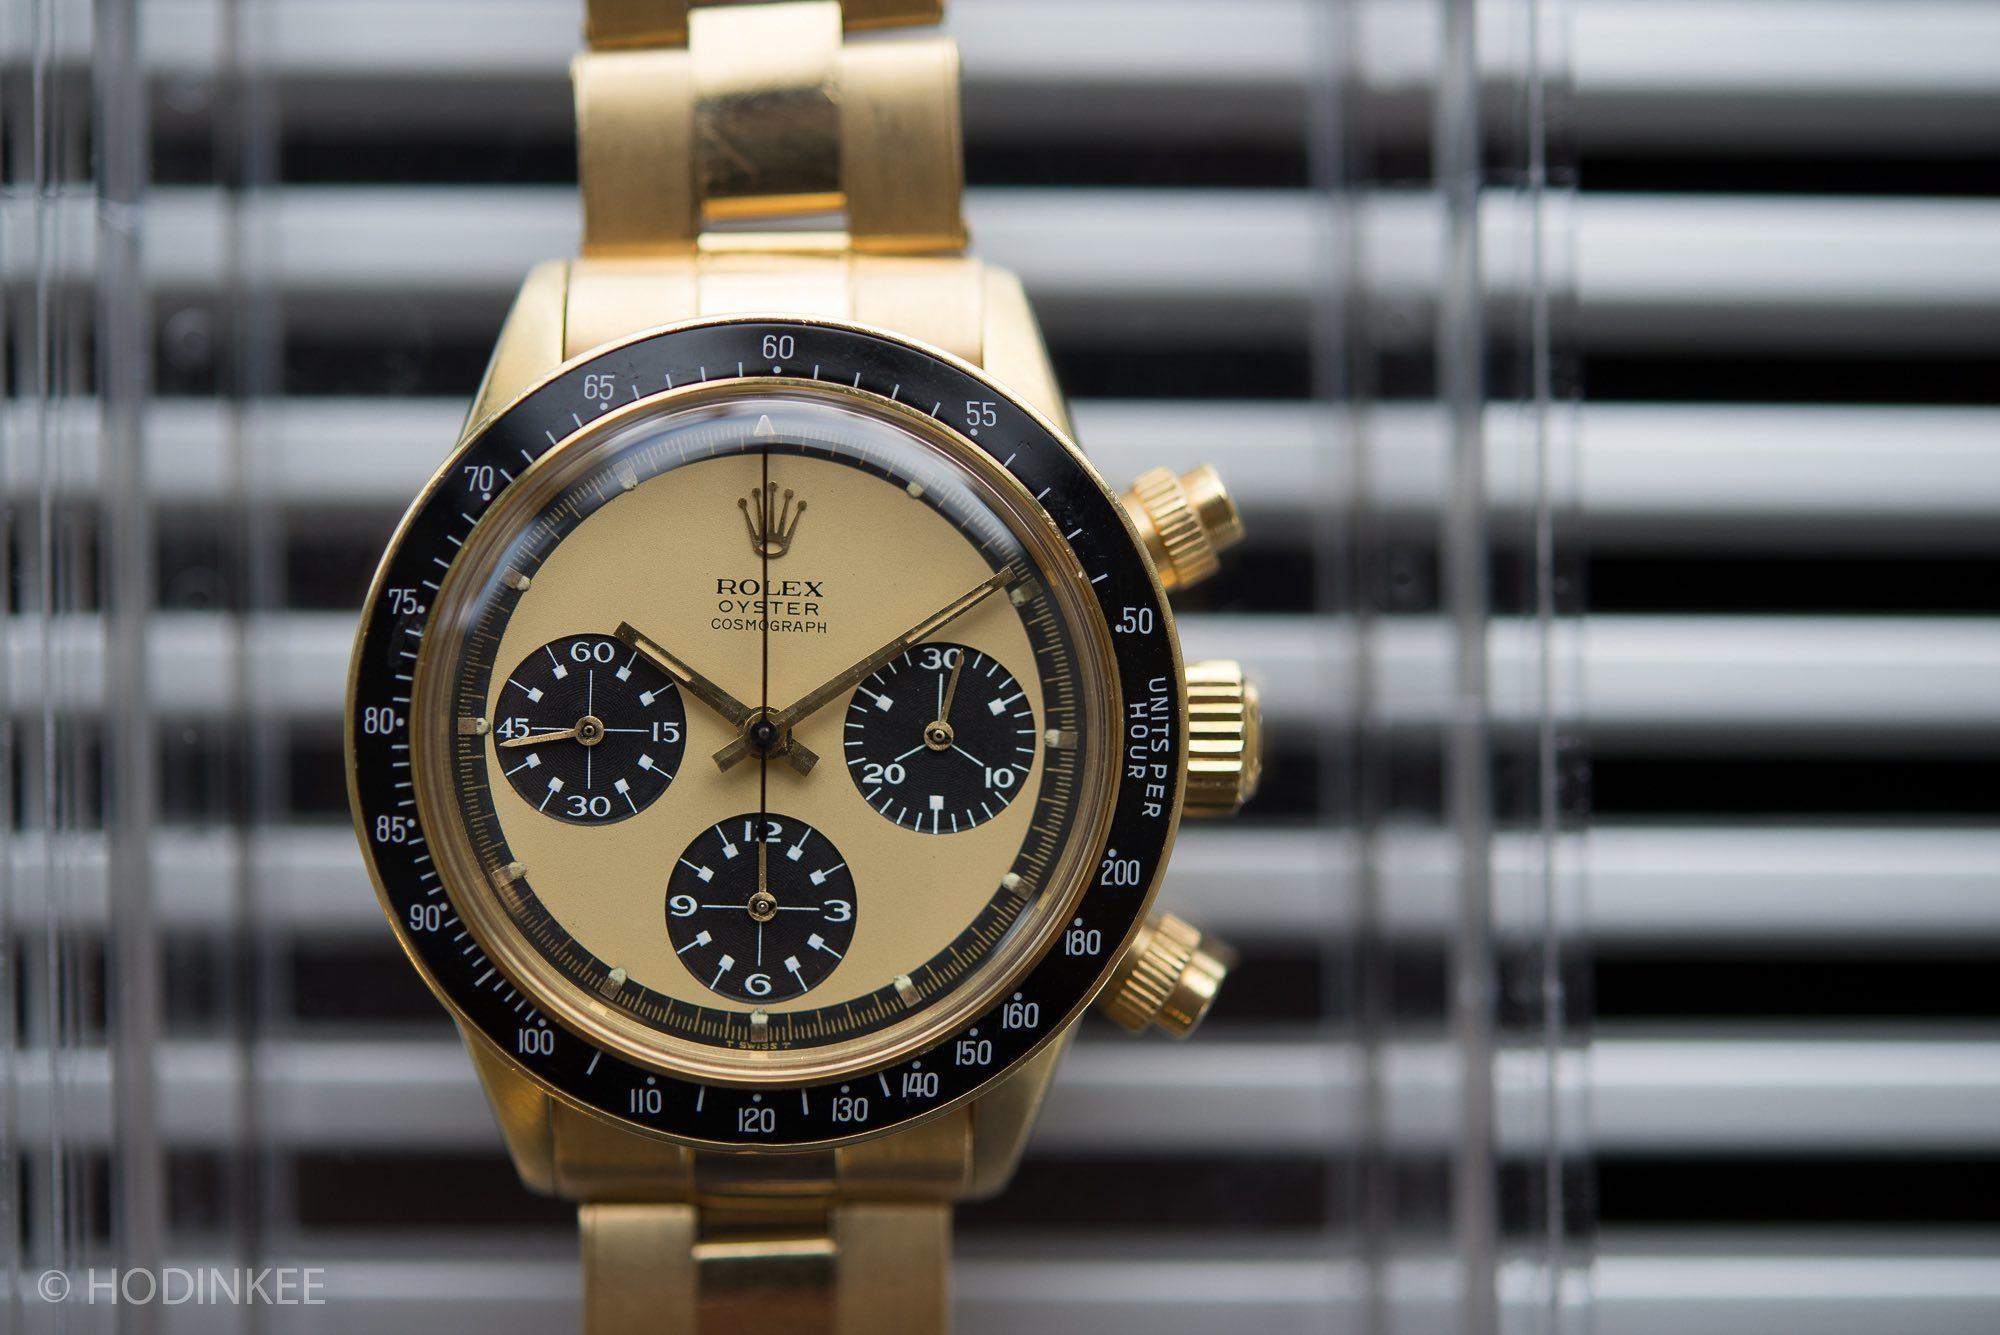 Rolex_6263Lemon-3.jpg